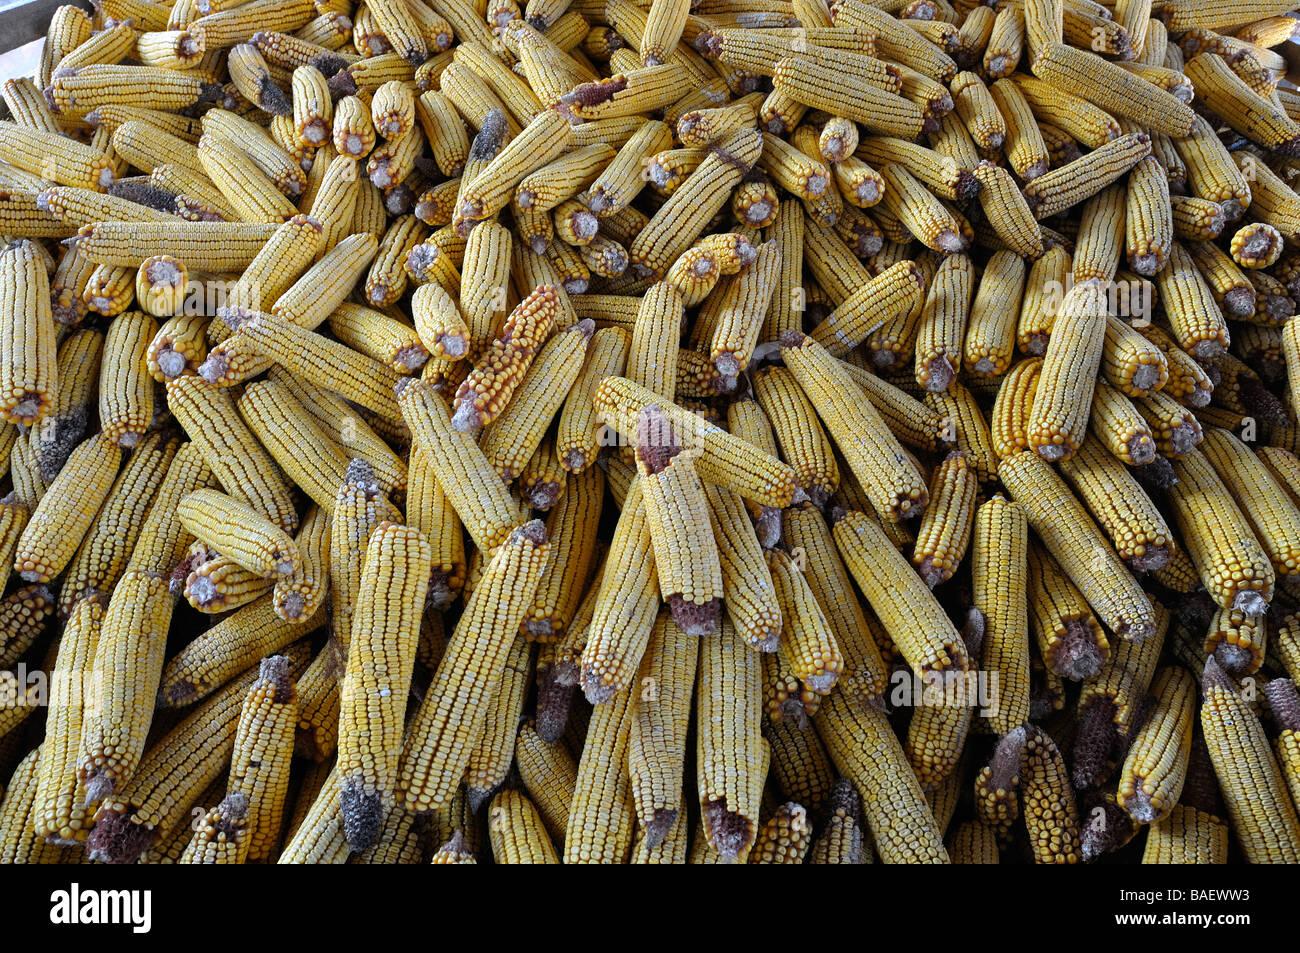 Le stockage du maïs dans le village de Vojka dans la Voïvodine en Serbie. Photo Stock